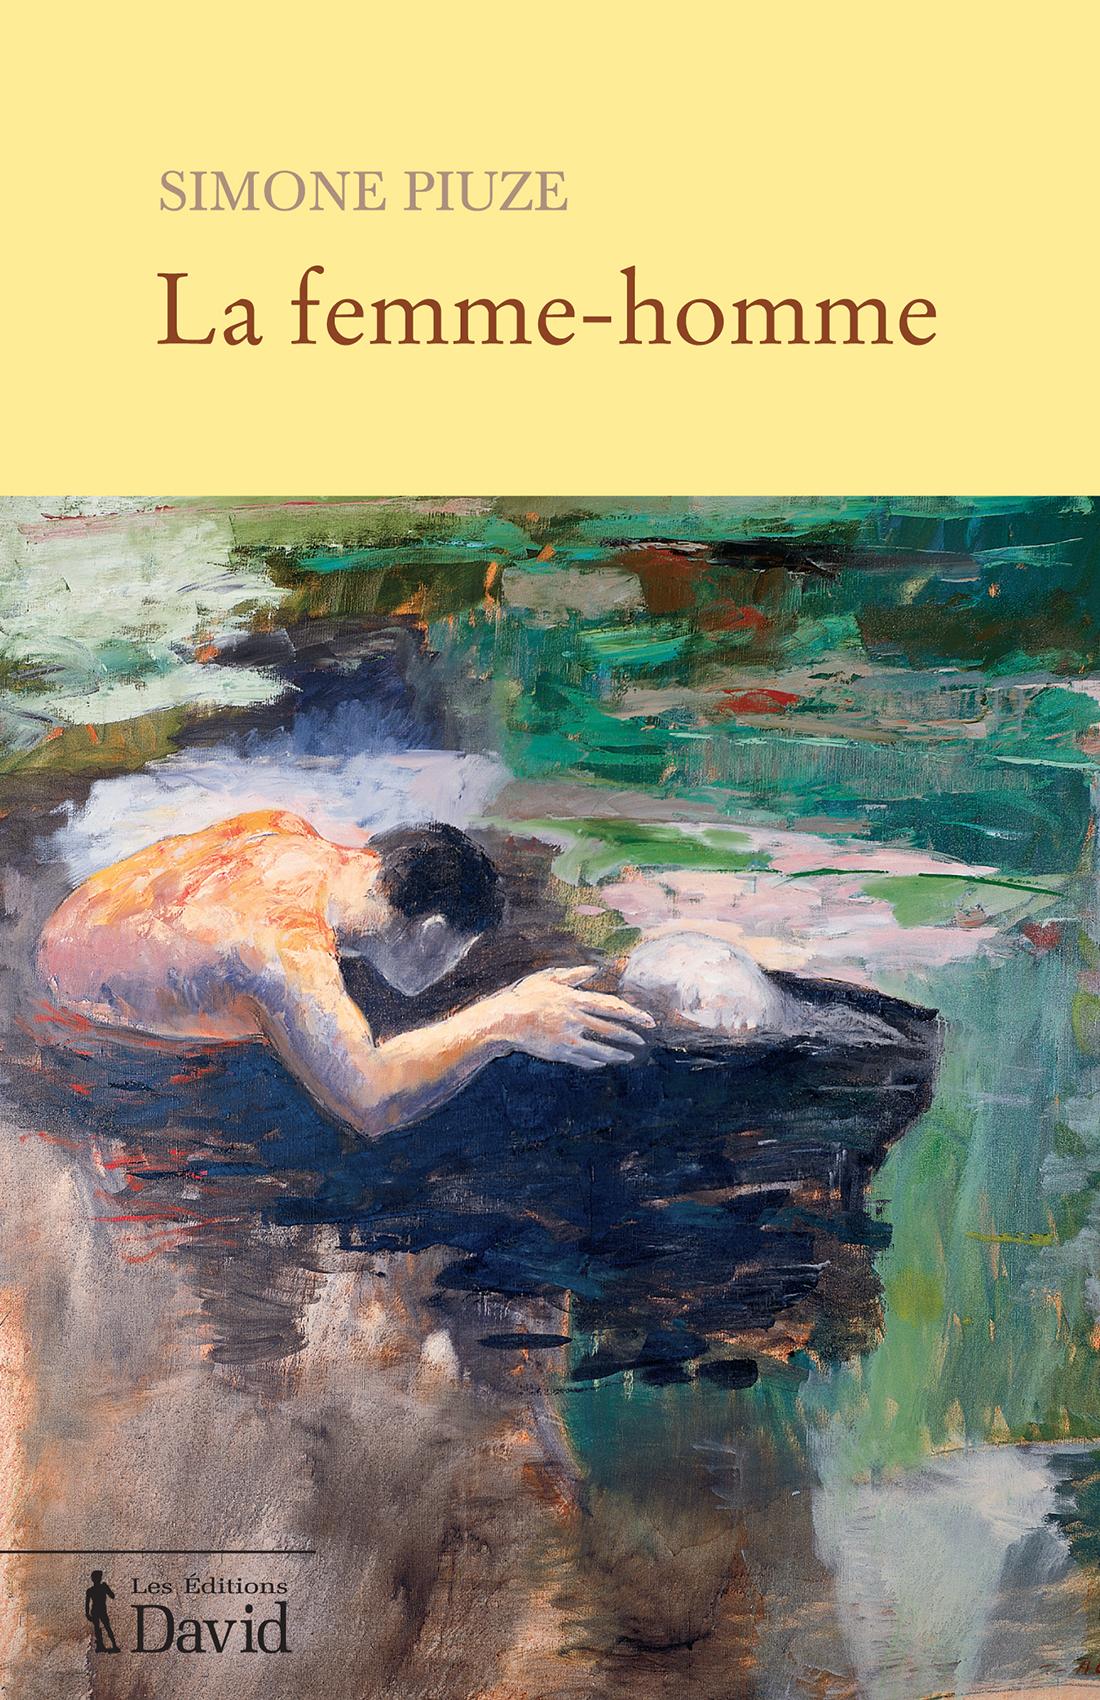 LA FEMME-HOMME